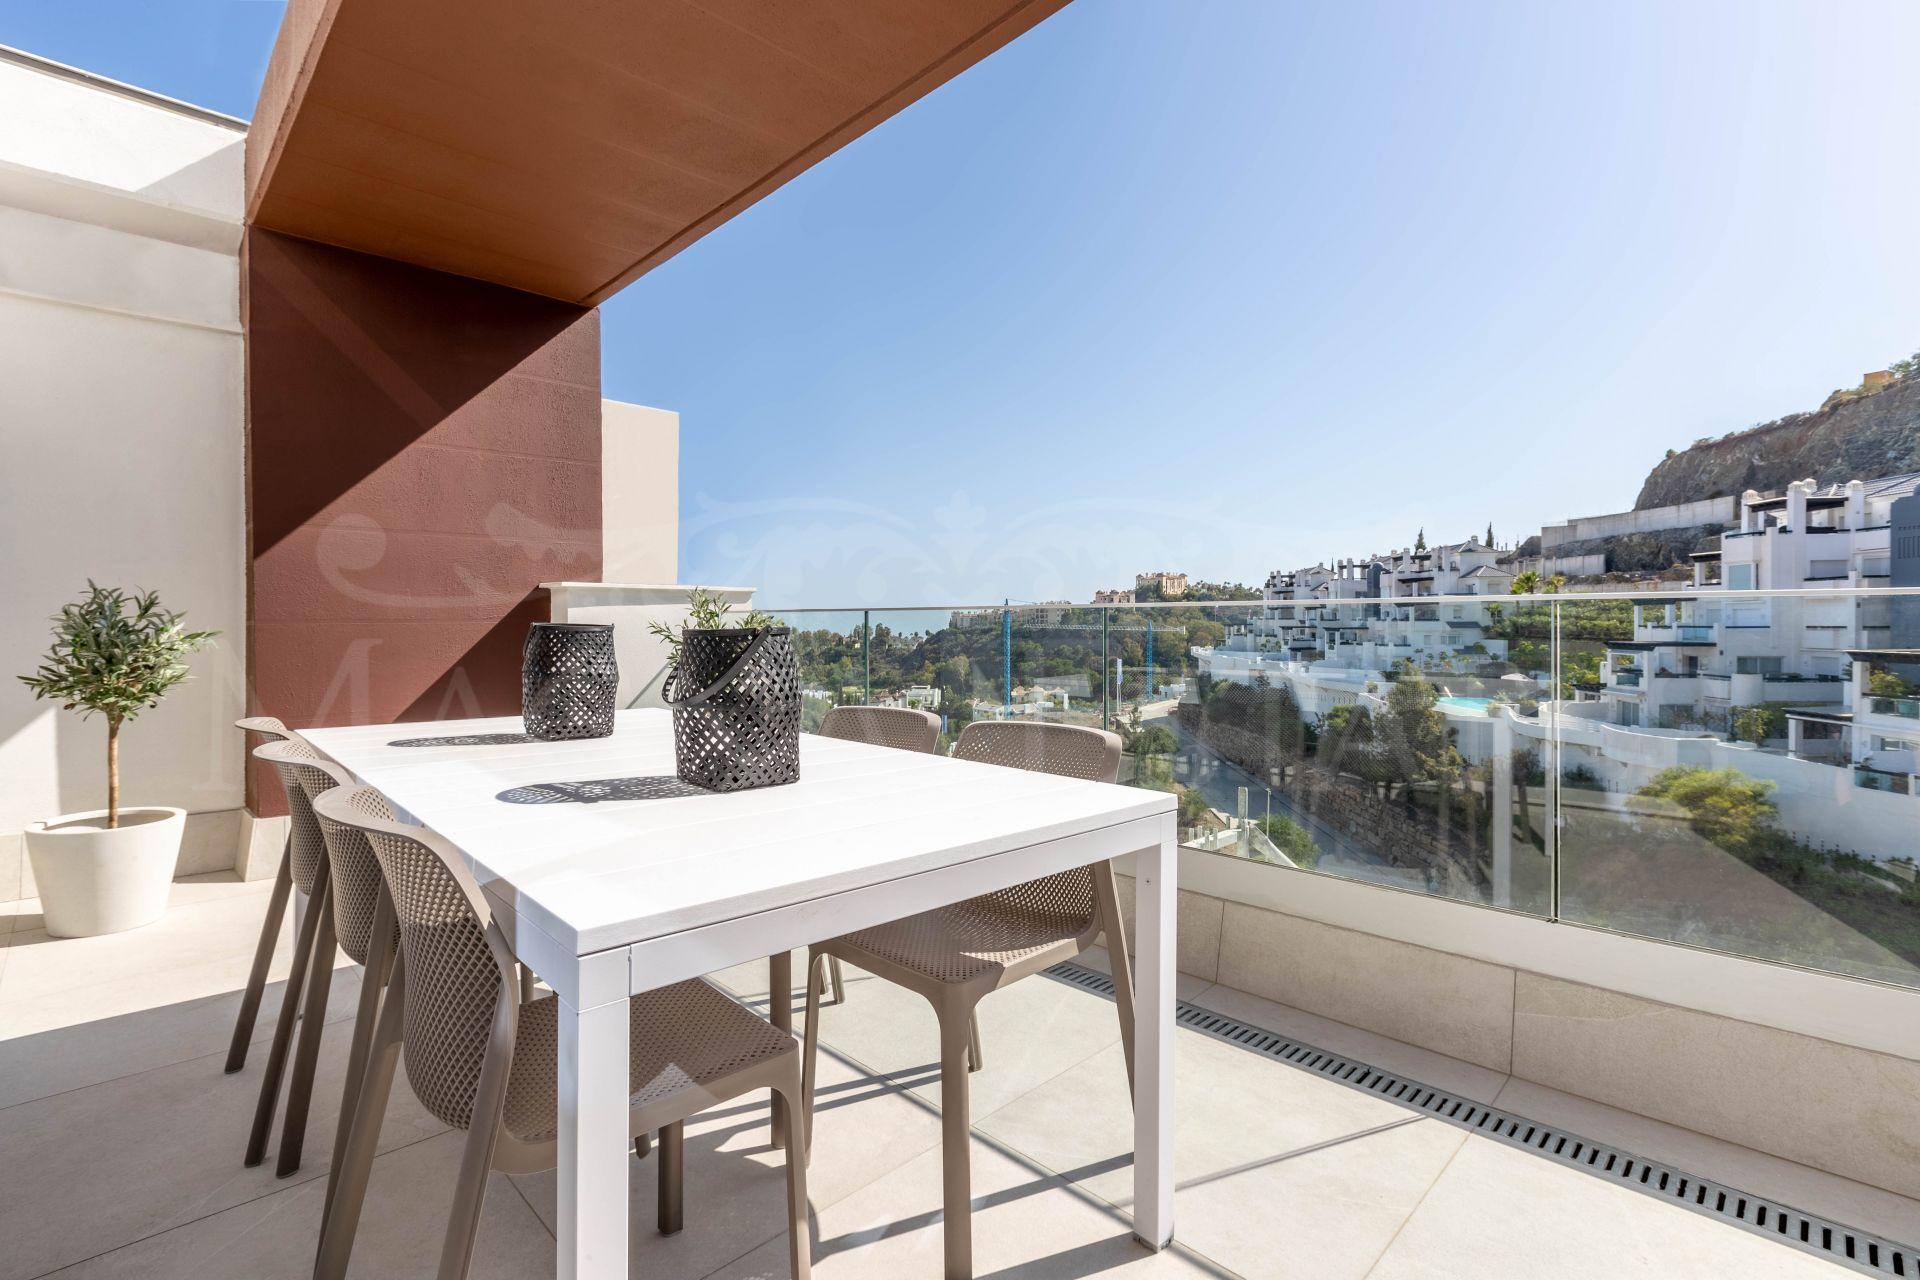 Apartamentos a estrenar en La Quinta, con espectaculares vistas al mar